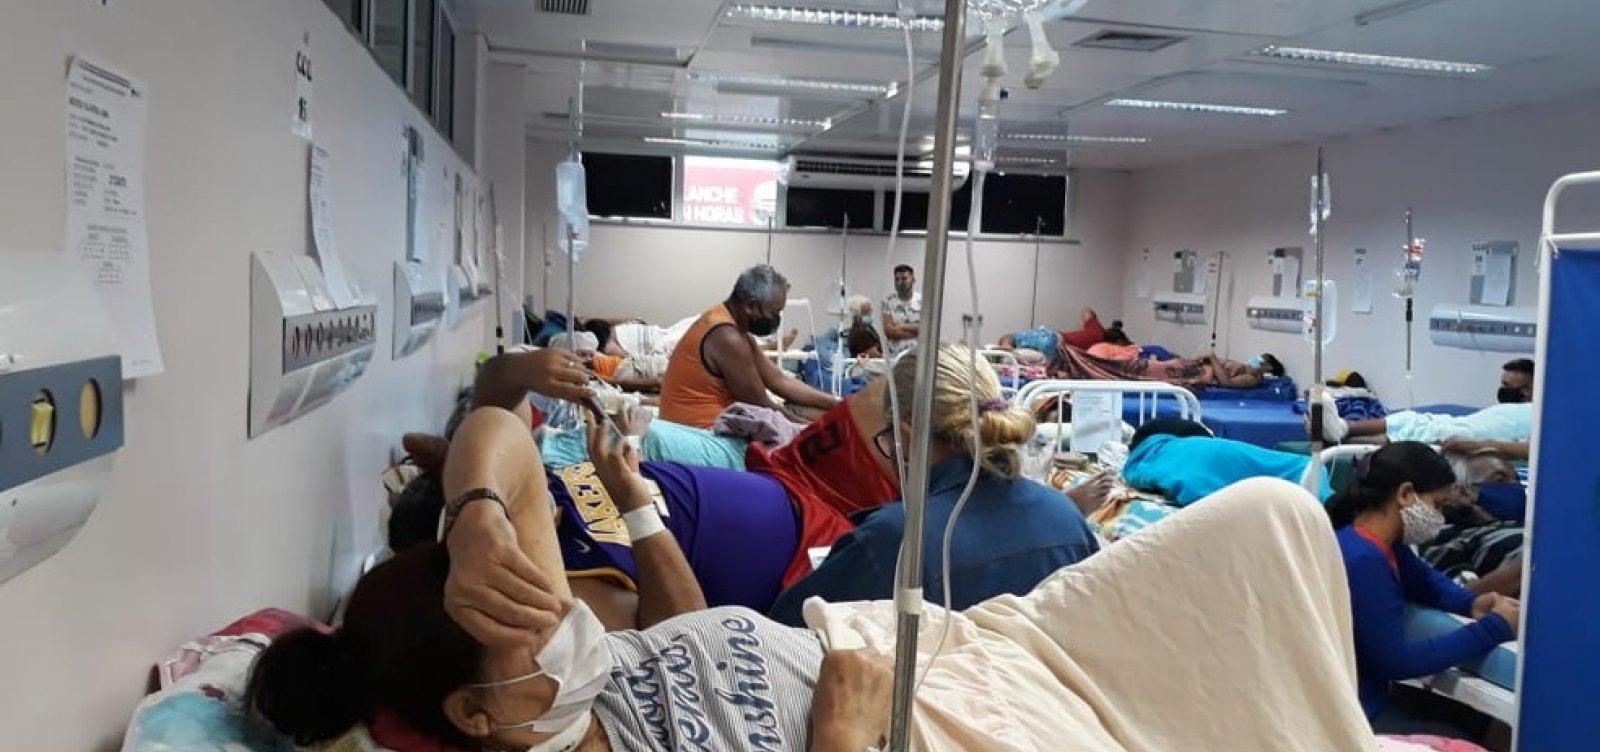 [Imprensa internacional repercute caos nos hospitais de Manaus]